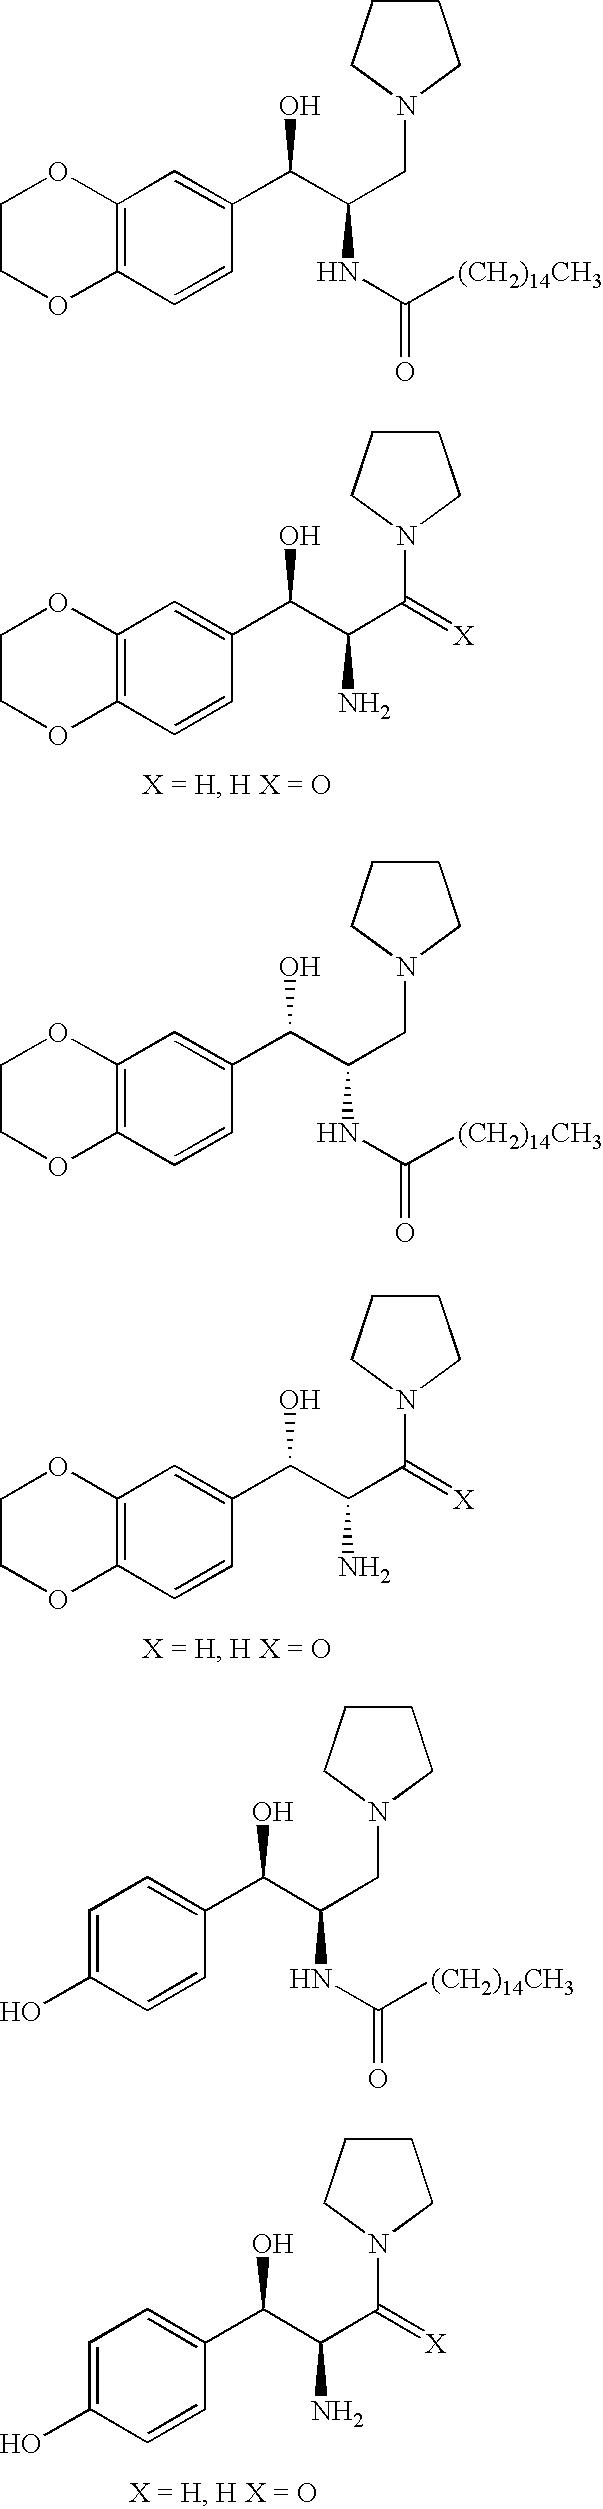 Figure US08288556-20121016-C00002